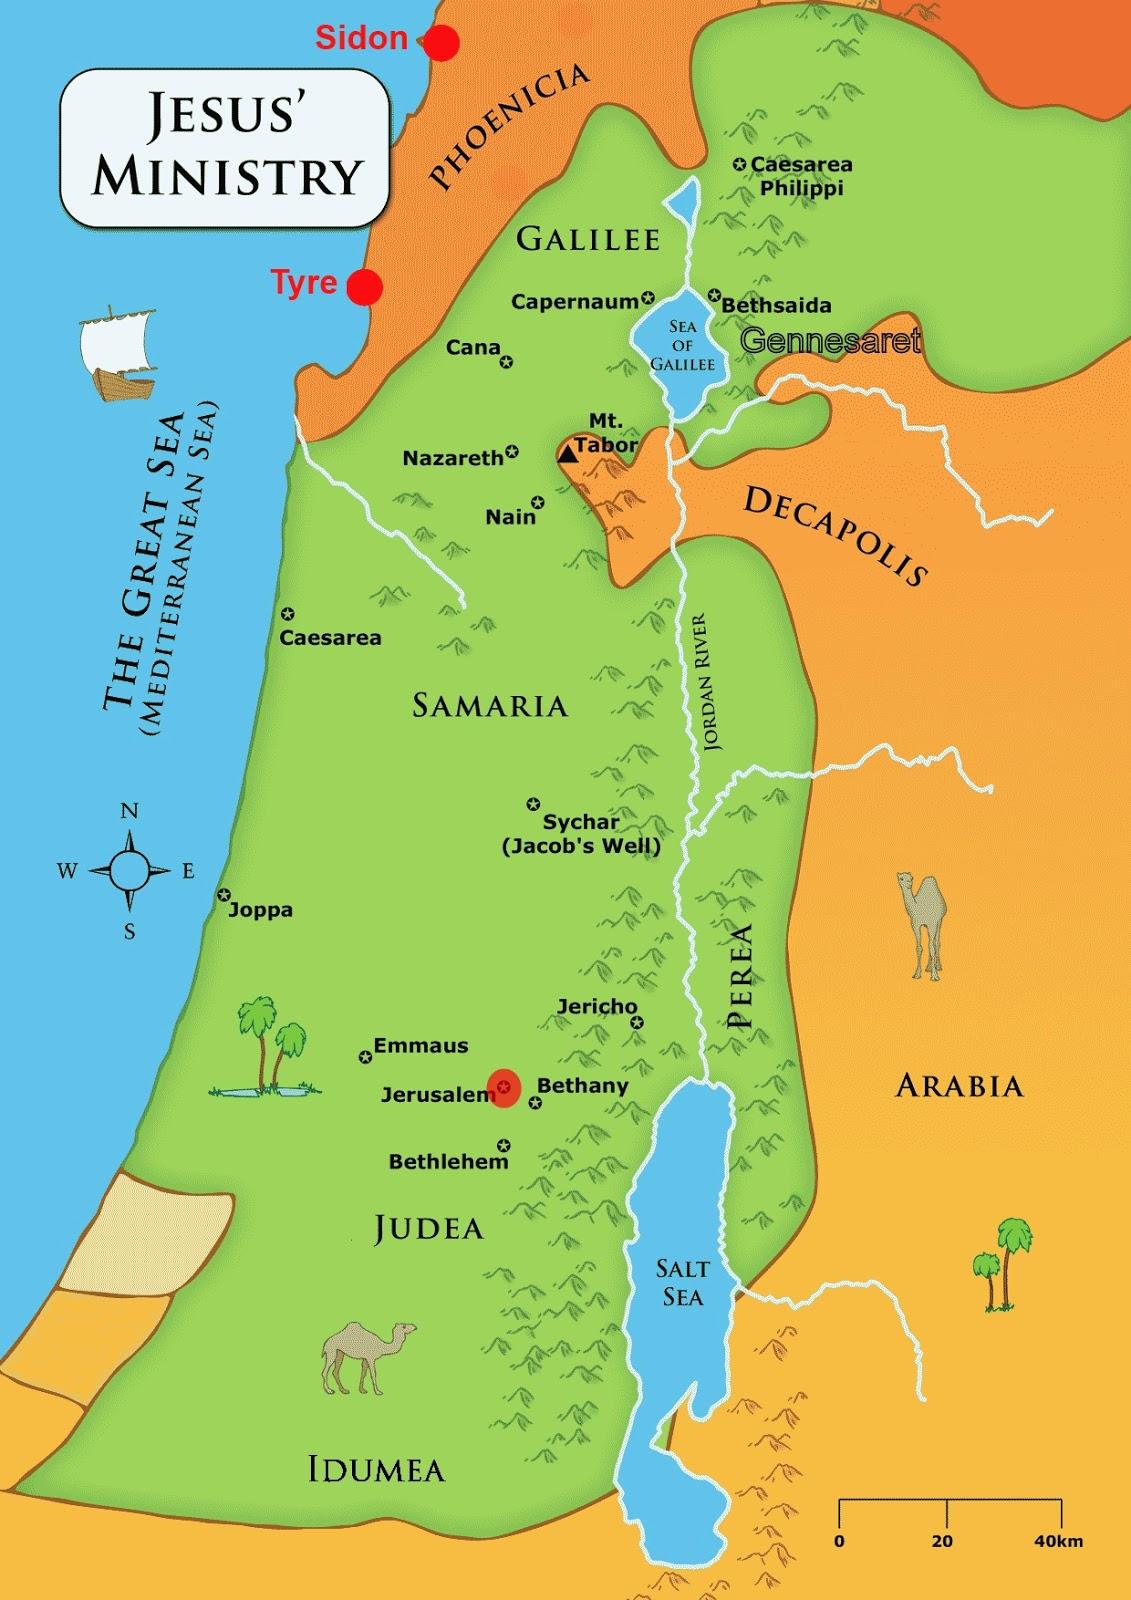 Bible Study - Sidon